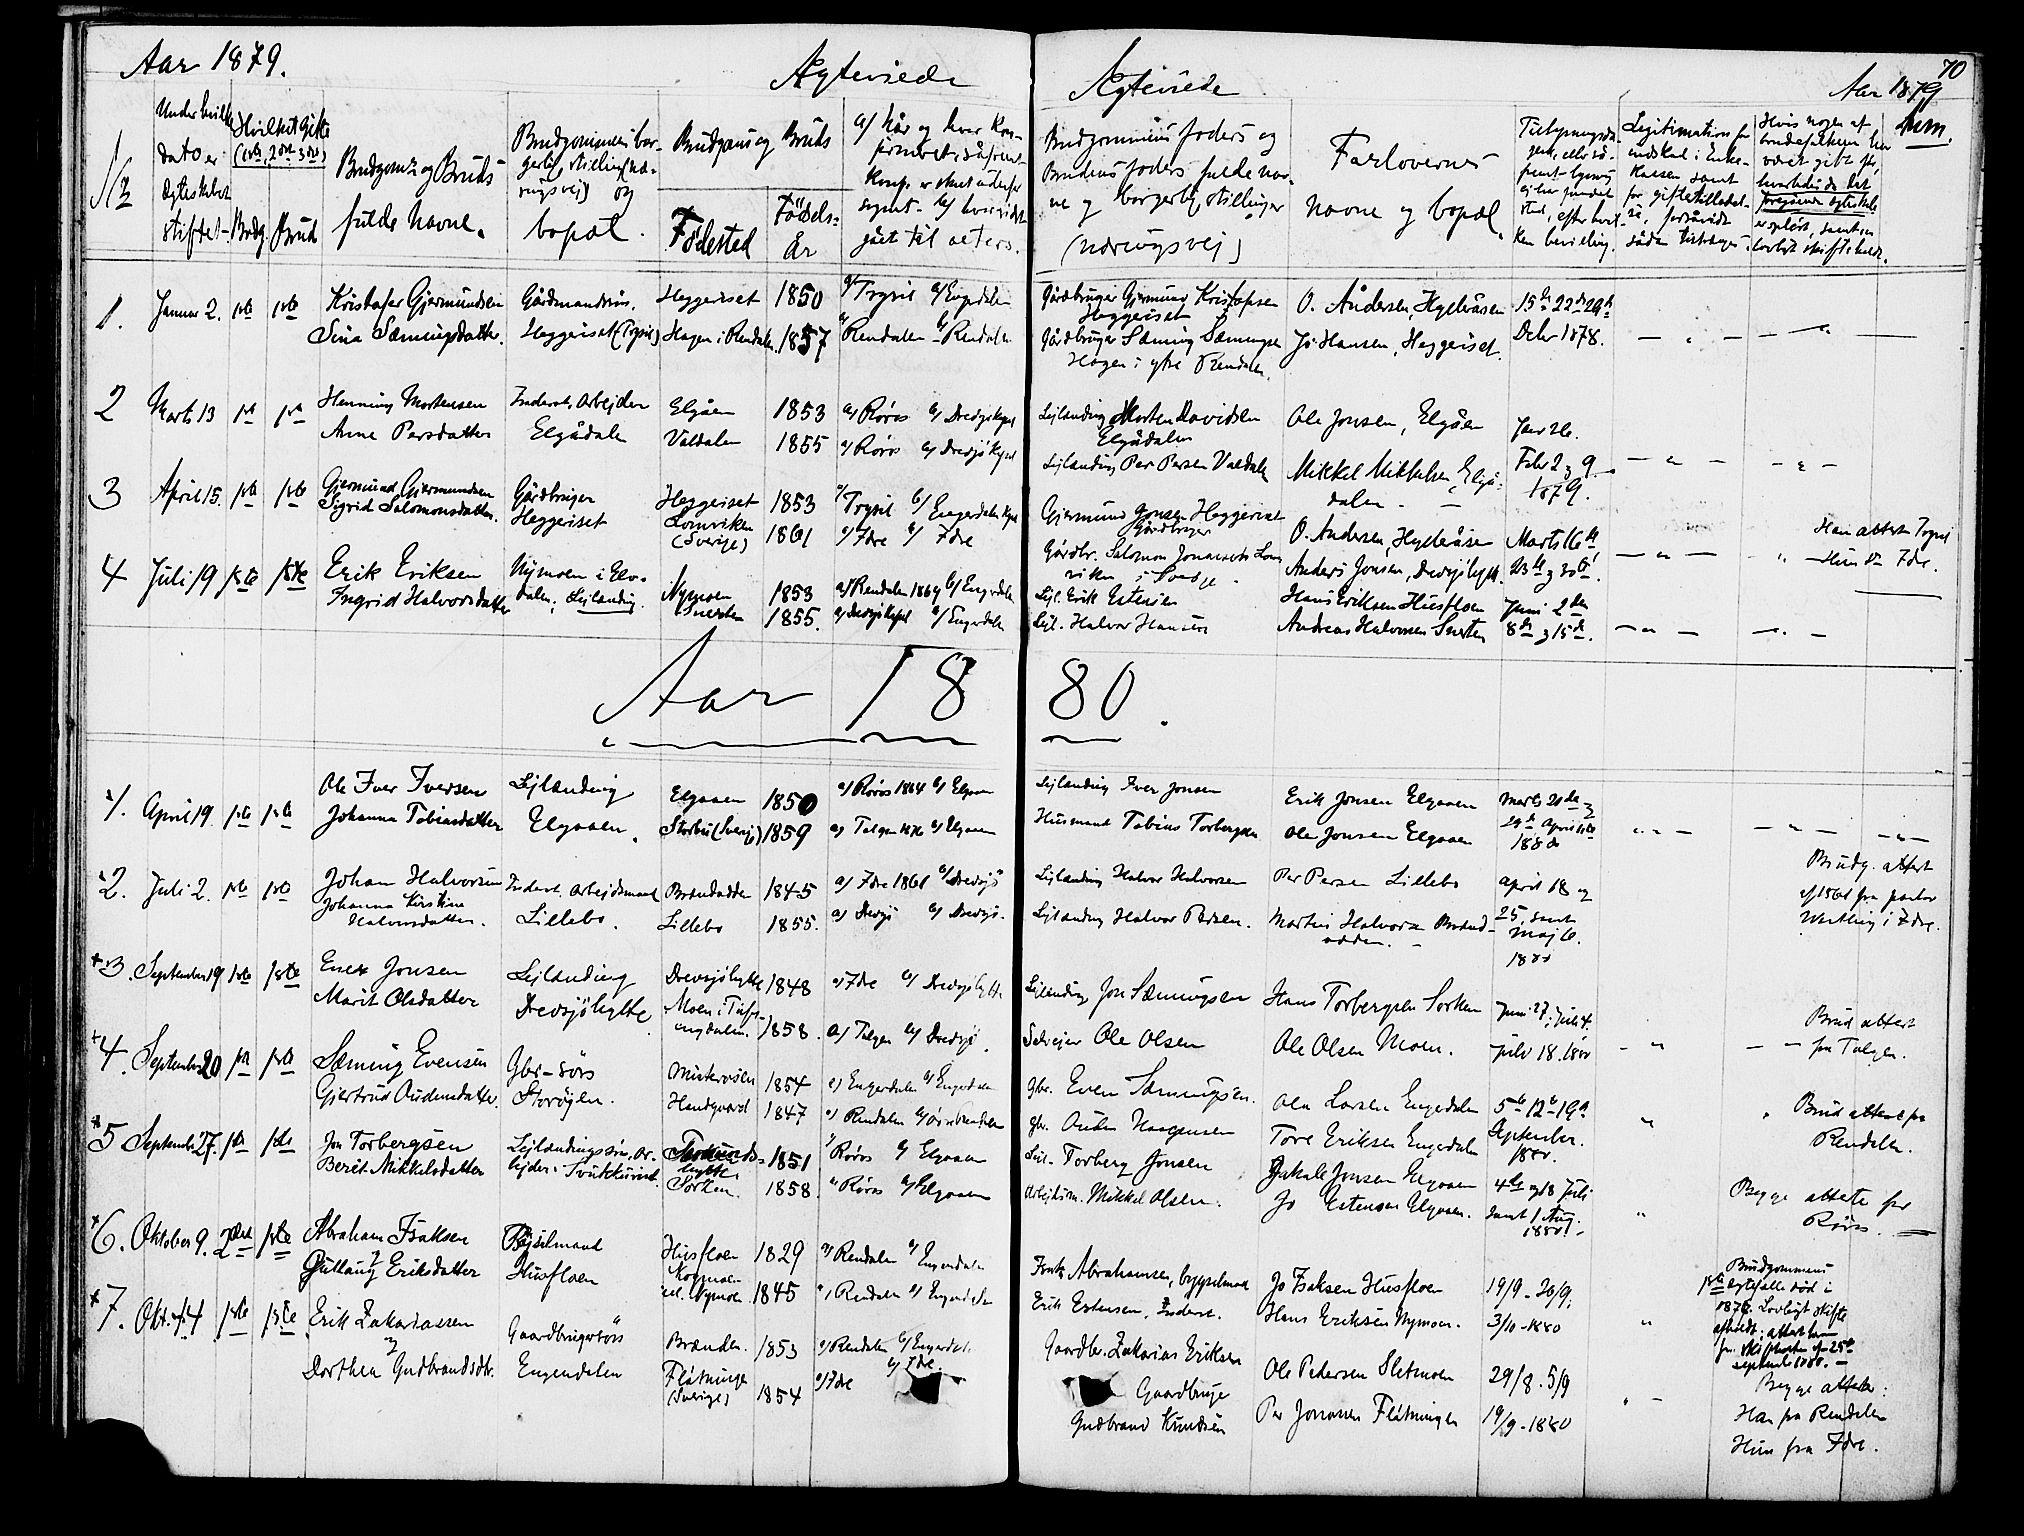 SAH, Rendalen prestekontor, H/Ha/Hab/L0002: Klokkerbok nr. 2, 1858-1880, s. 70